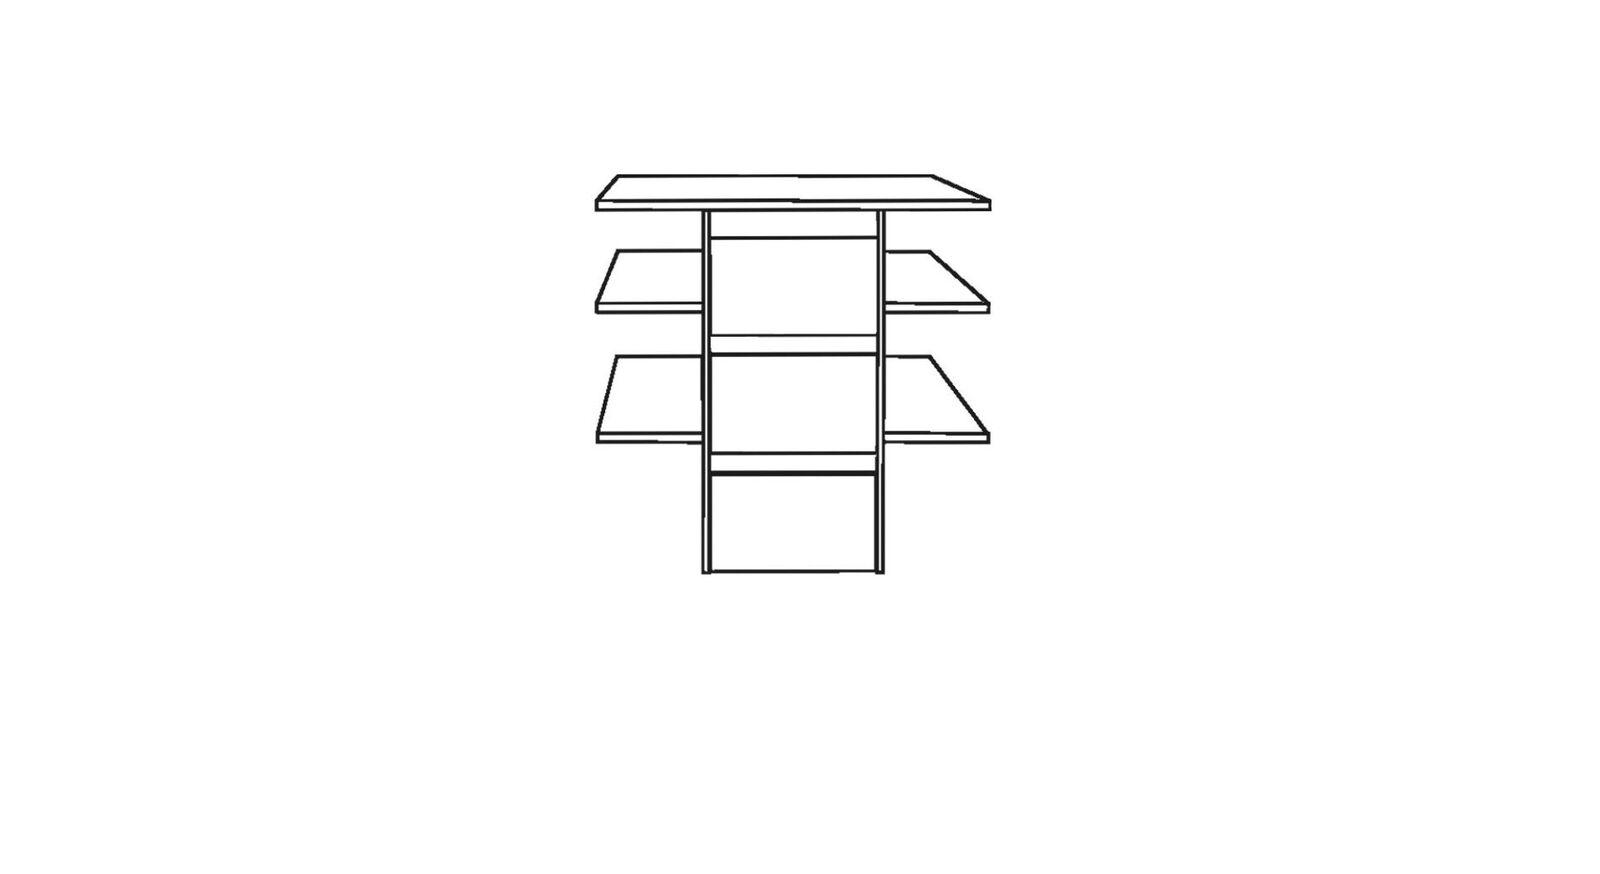 MUSTERRING Innenausstattung Kleiderschrank Fächereinsatz mit 3 Schubladen